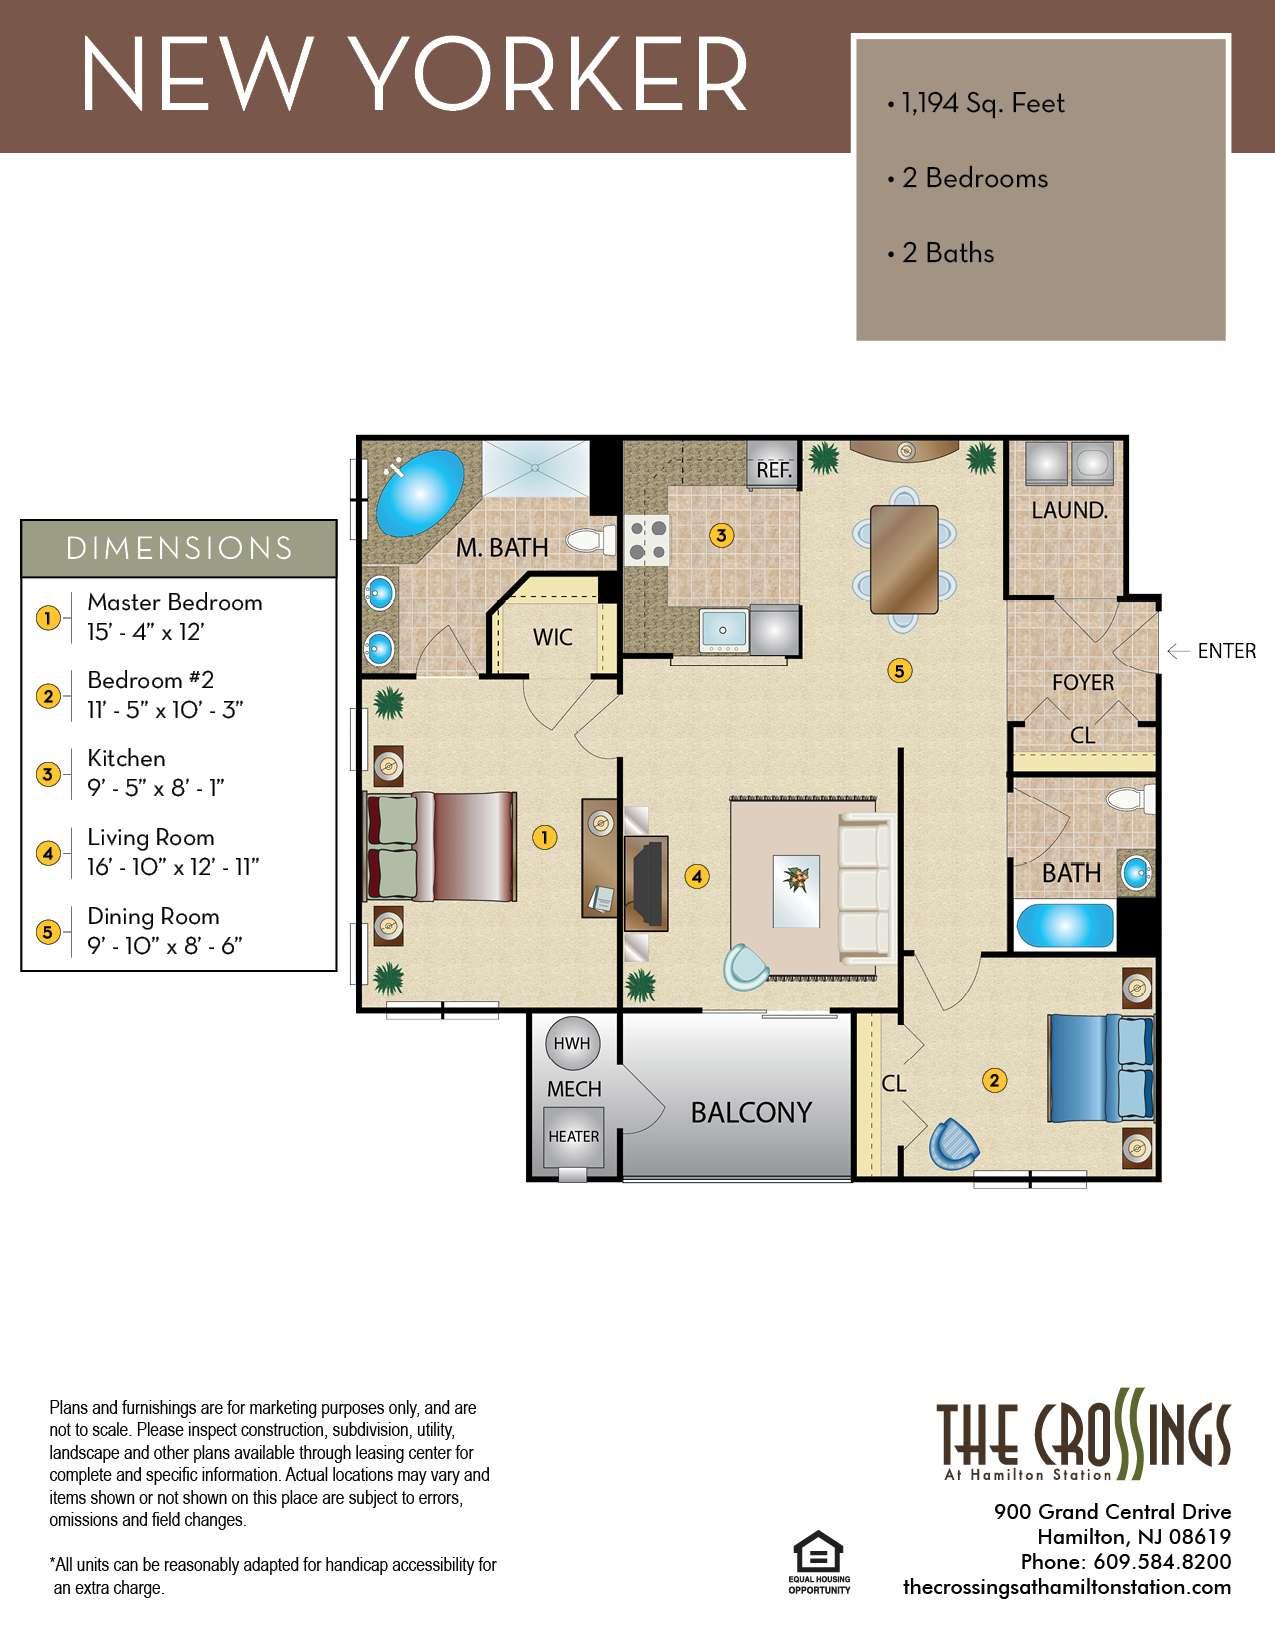 The New Yorker Floor Plan